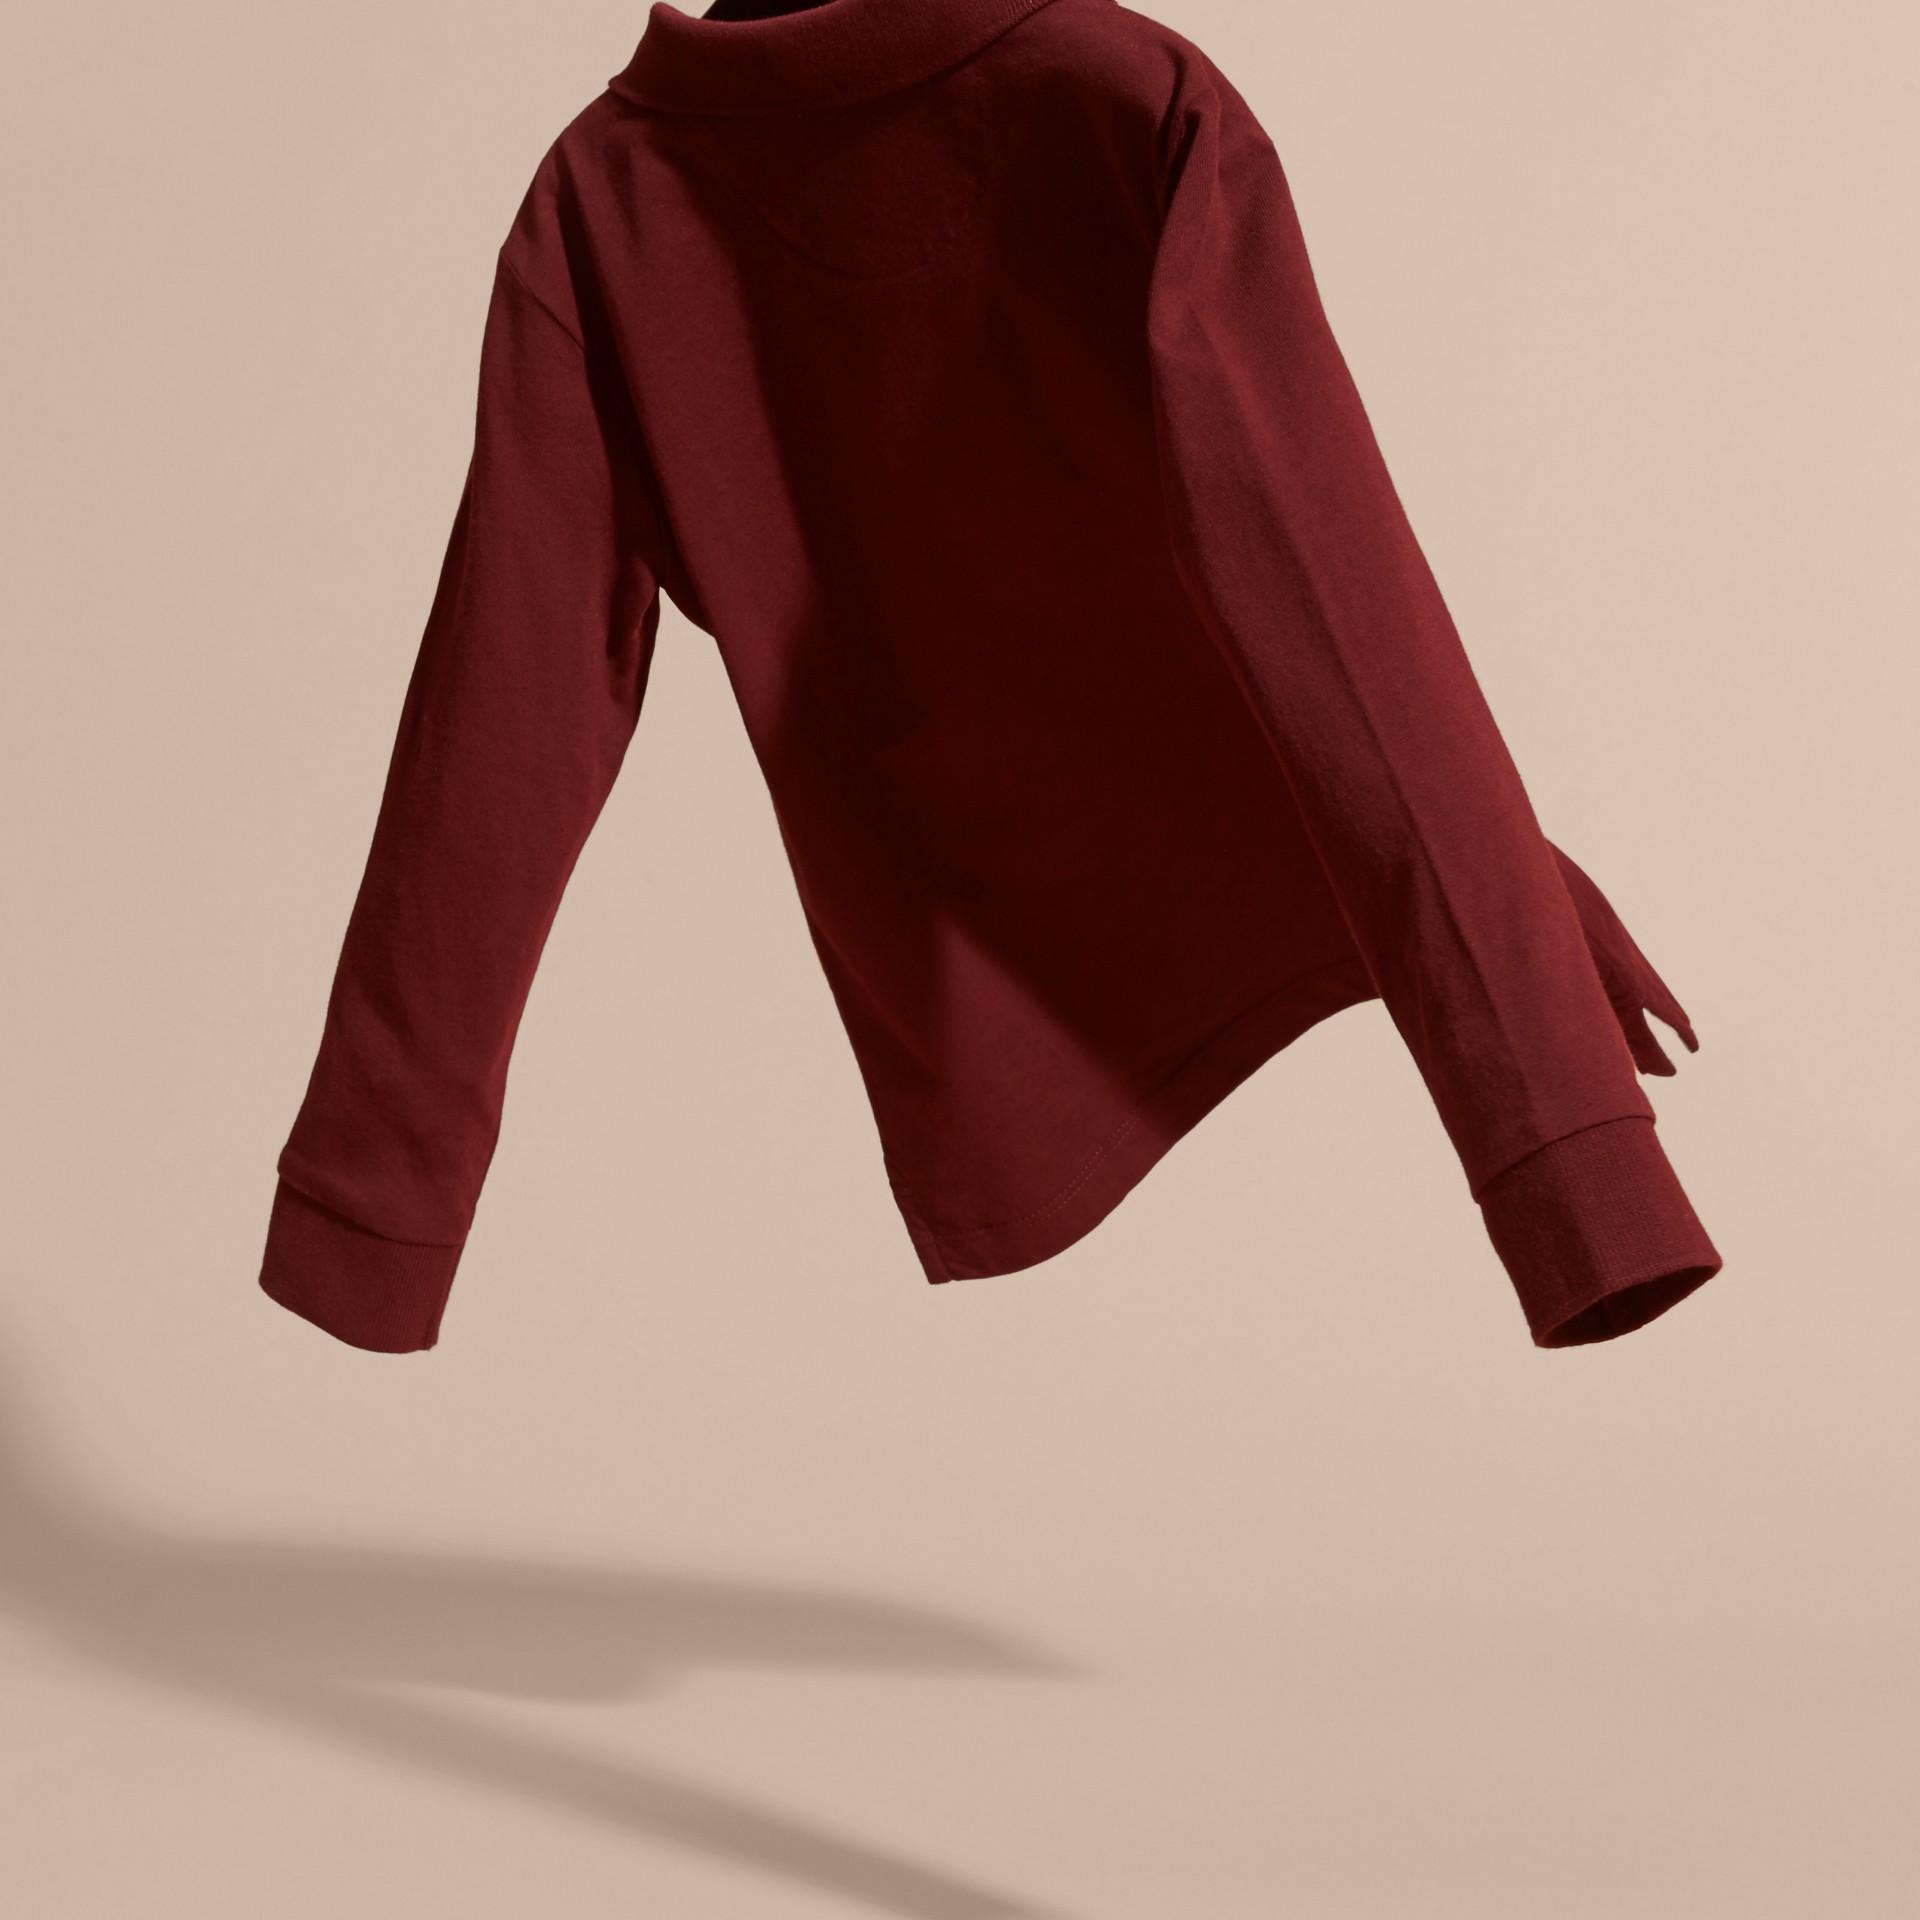 Rosso borgogna Polo in cotone a maniche lunghe Rosso Borgogna - immagine della galleria 4